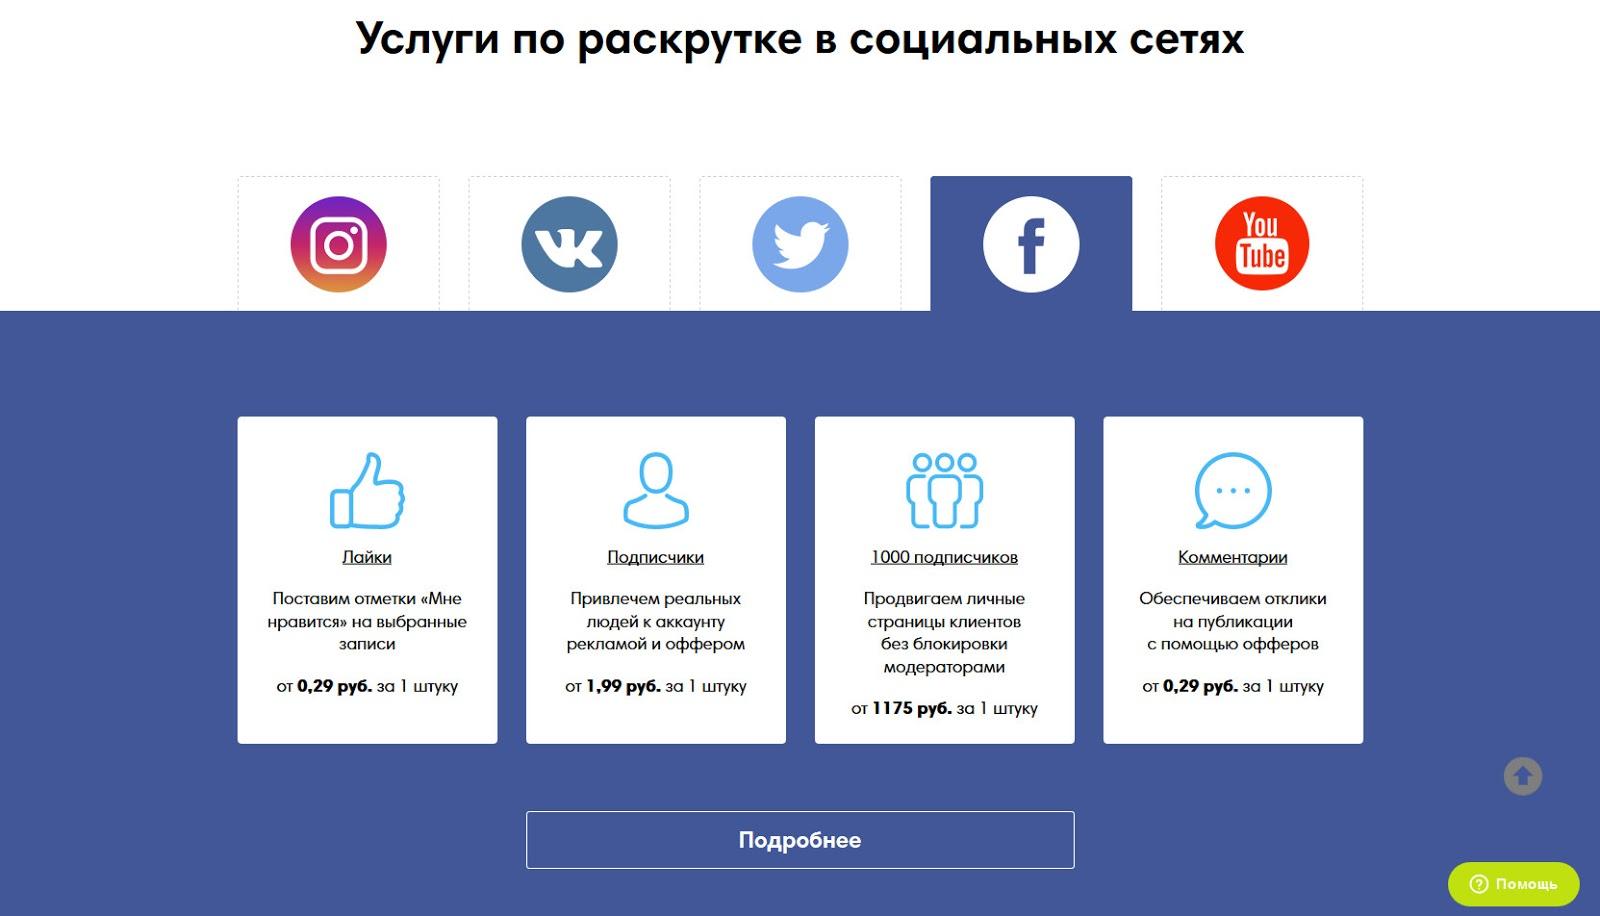 Тз продвижение компании с социальных сетях веб студия ру дизайн создание сайтов продвижение сайтов new topic